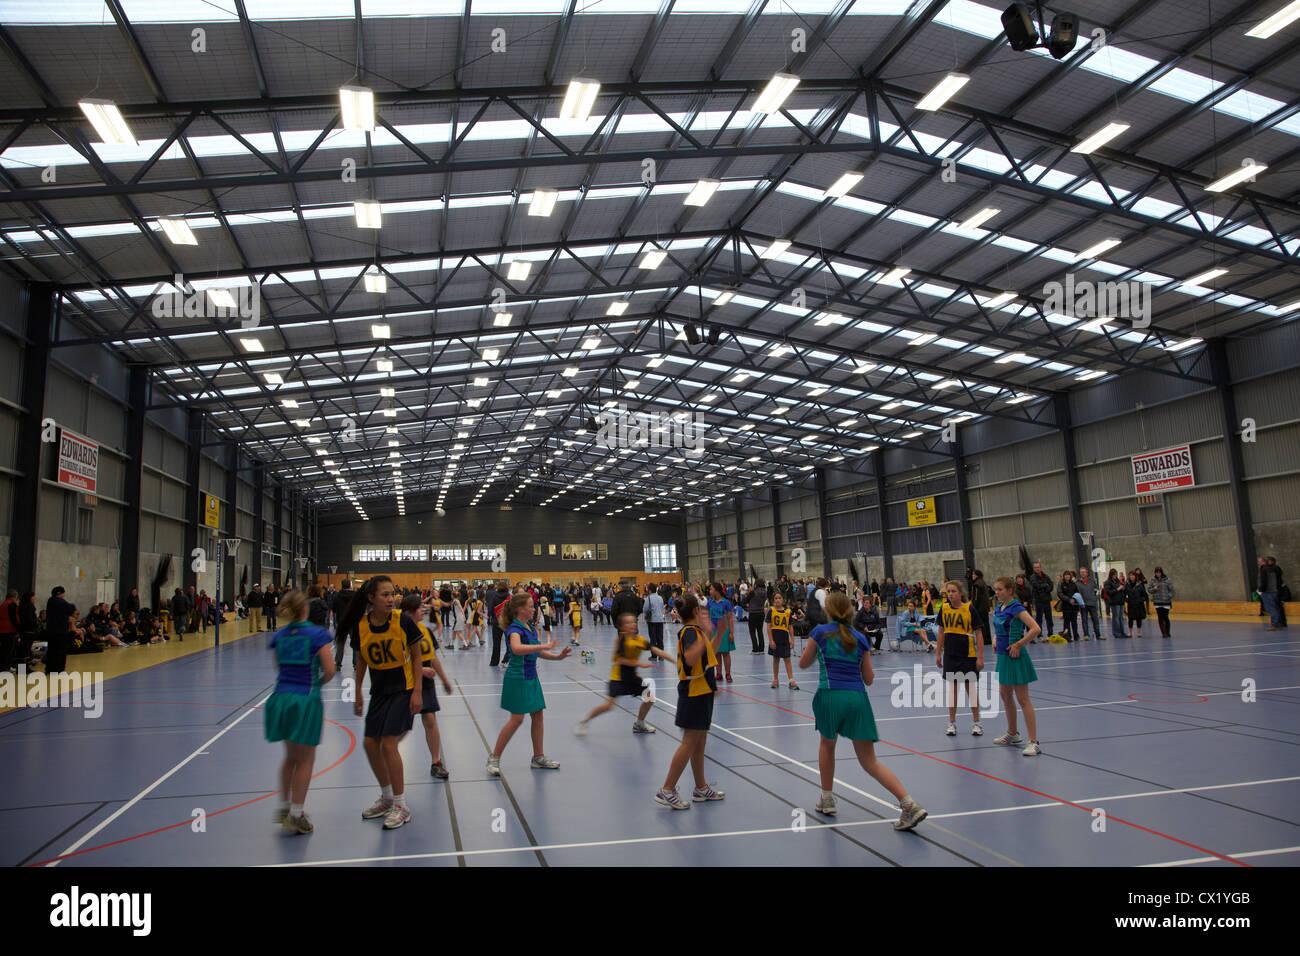 Torneo de baloncesto, balonvolea, Centro Sur de Otago Balclutha, South Otago, Isla del Sur, Nueva Zelanda Imagen De Stock